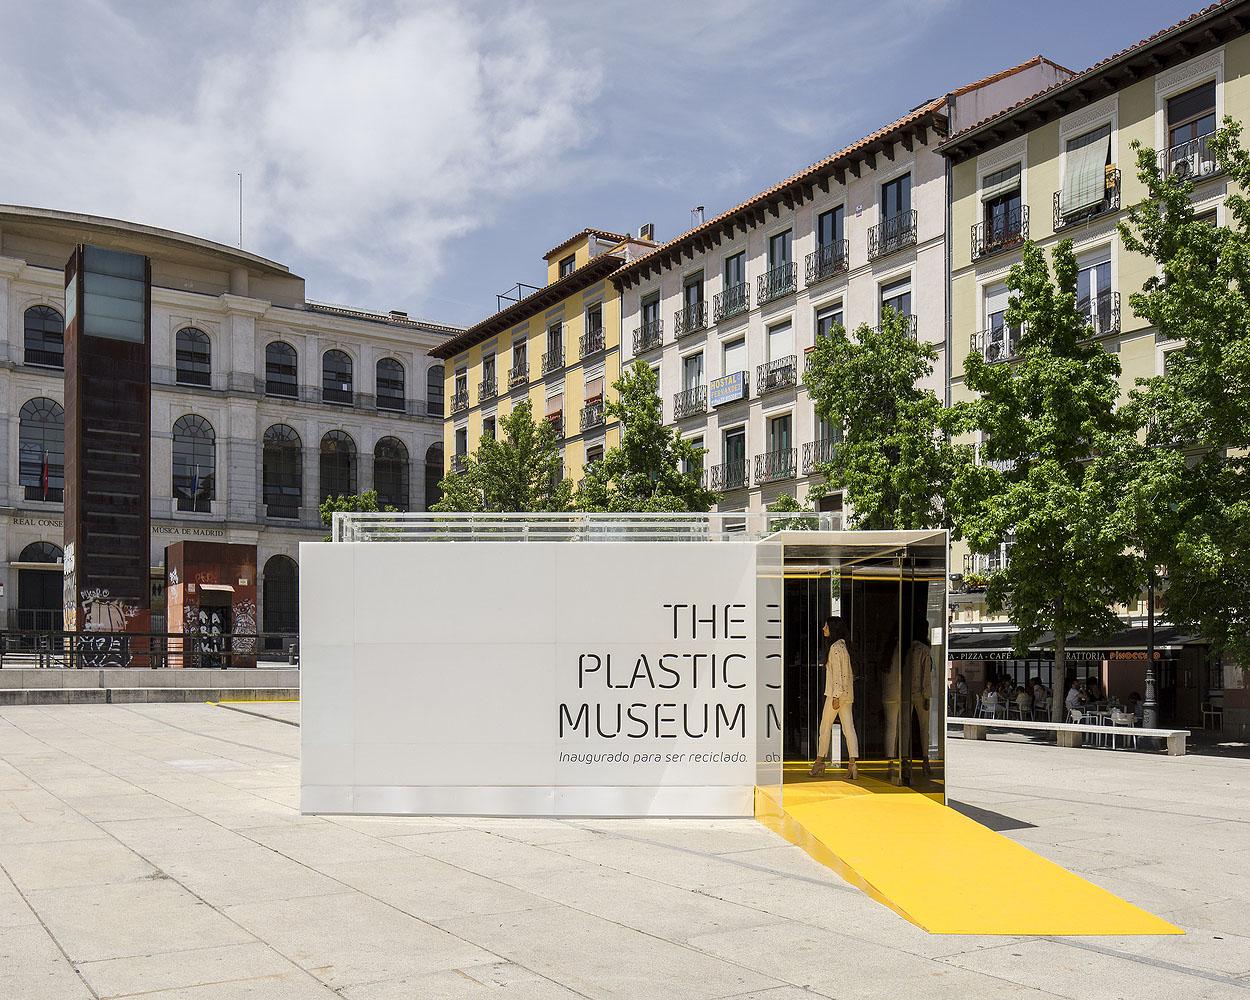 Museo-del-Plastico-delavegacanolasso-Imagen-Subliminal-02